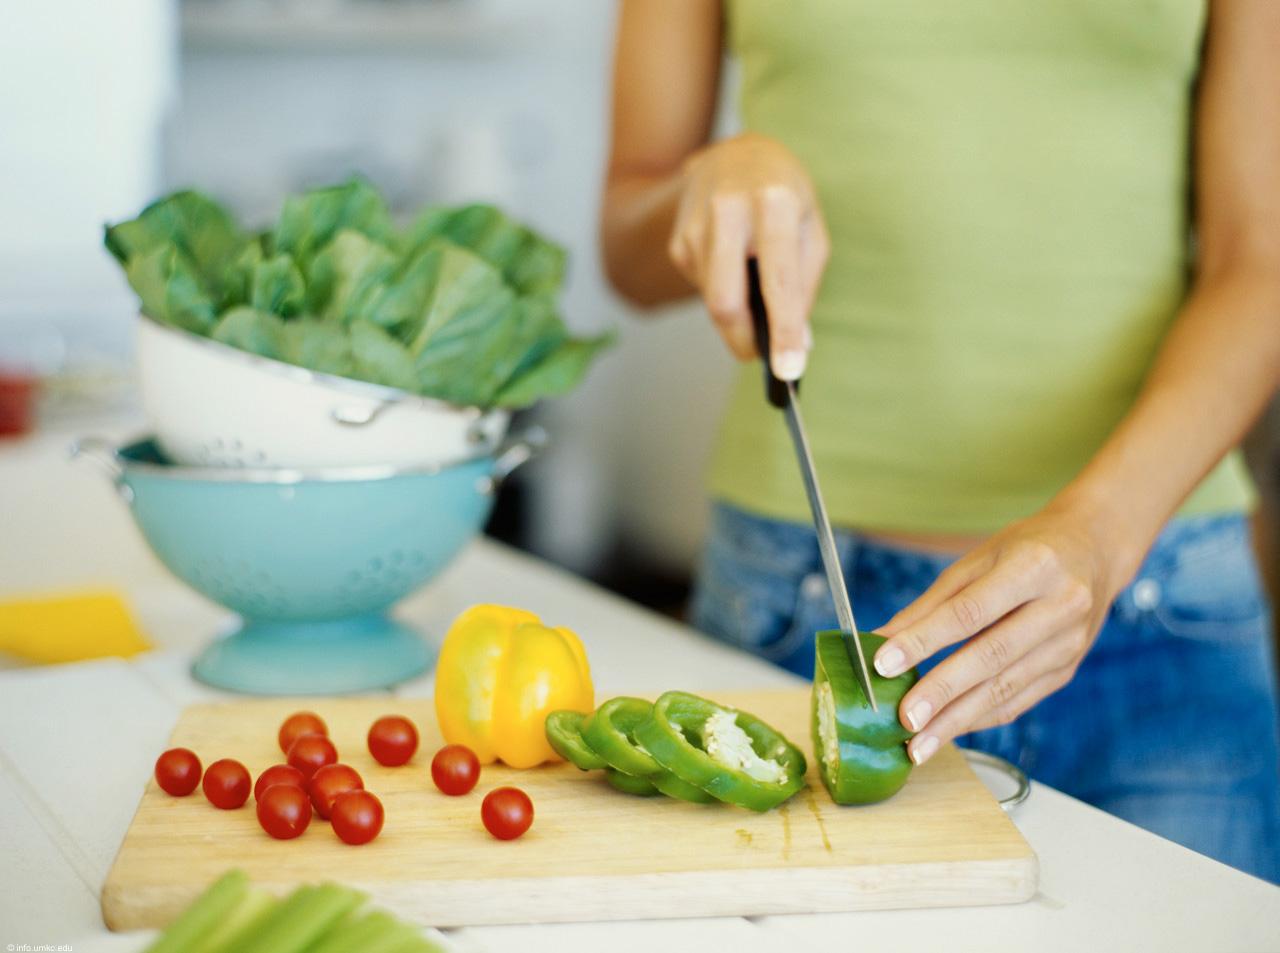 Manger sain, plus facile à dire qu'à faire ? Pas forcément...